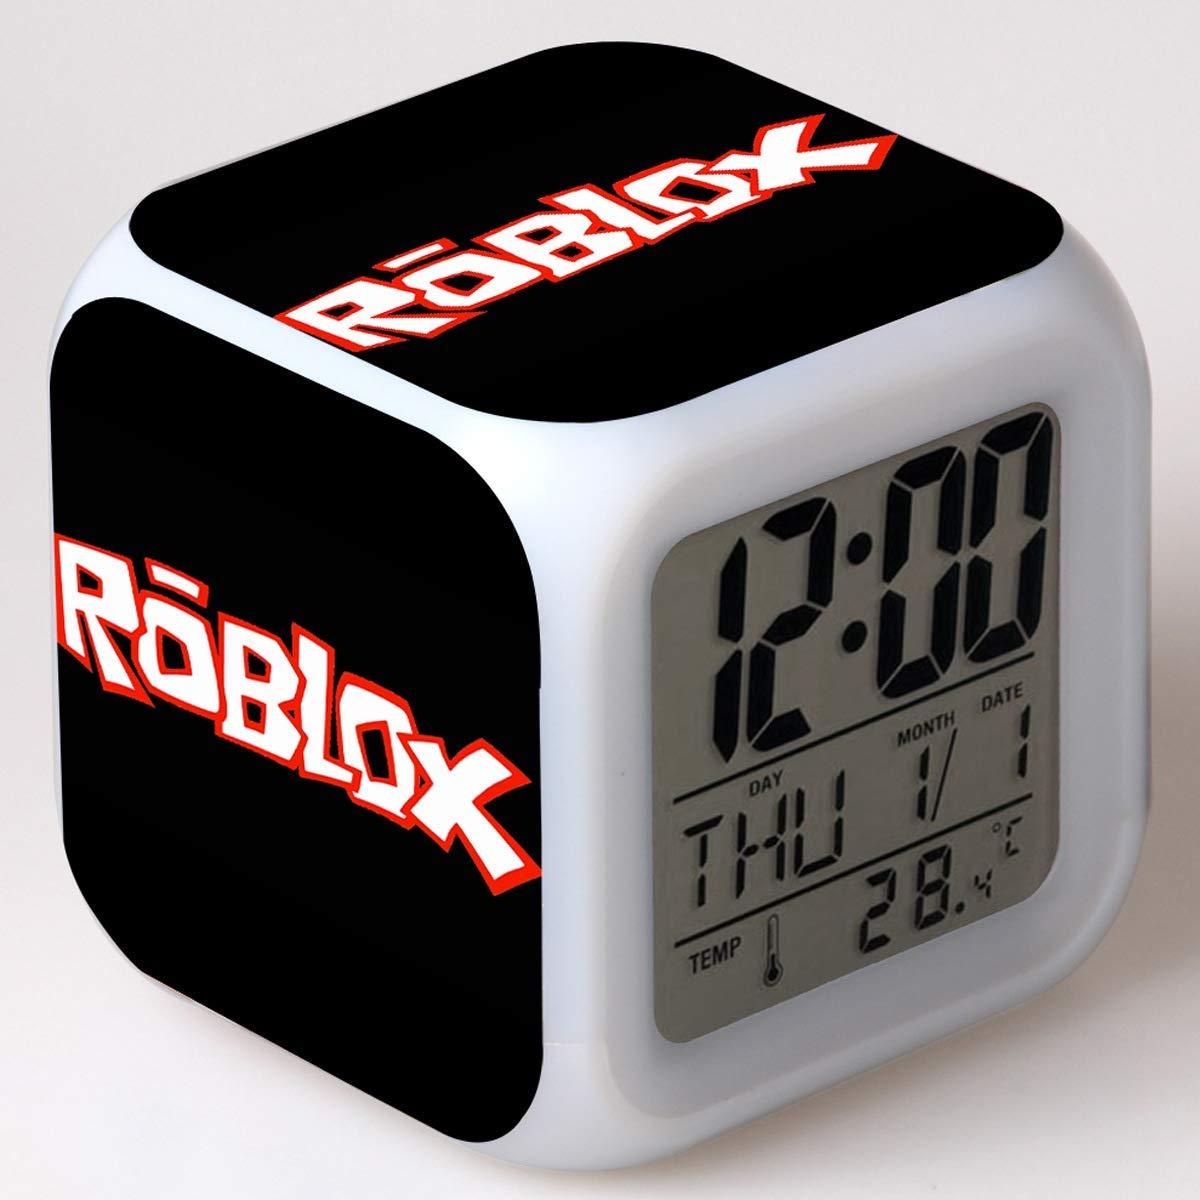 Alarm Clock Despertador Digital para El Tema Roblox, Despertador De Luz Nocturna De 7 Colores, con Fecha Electrónica Pantalla De Temperatura Niños